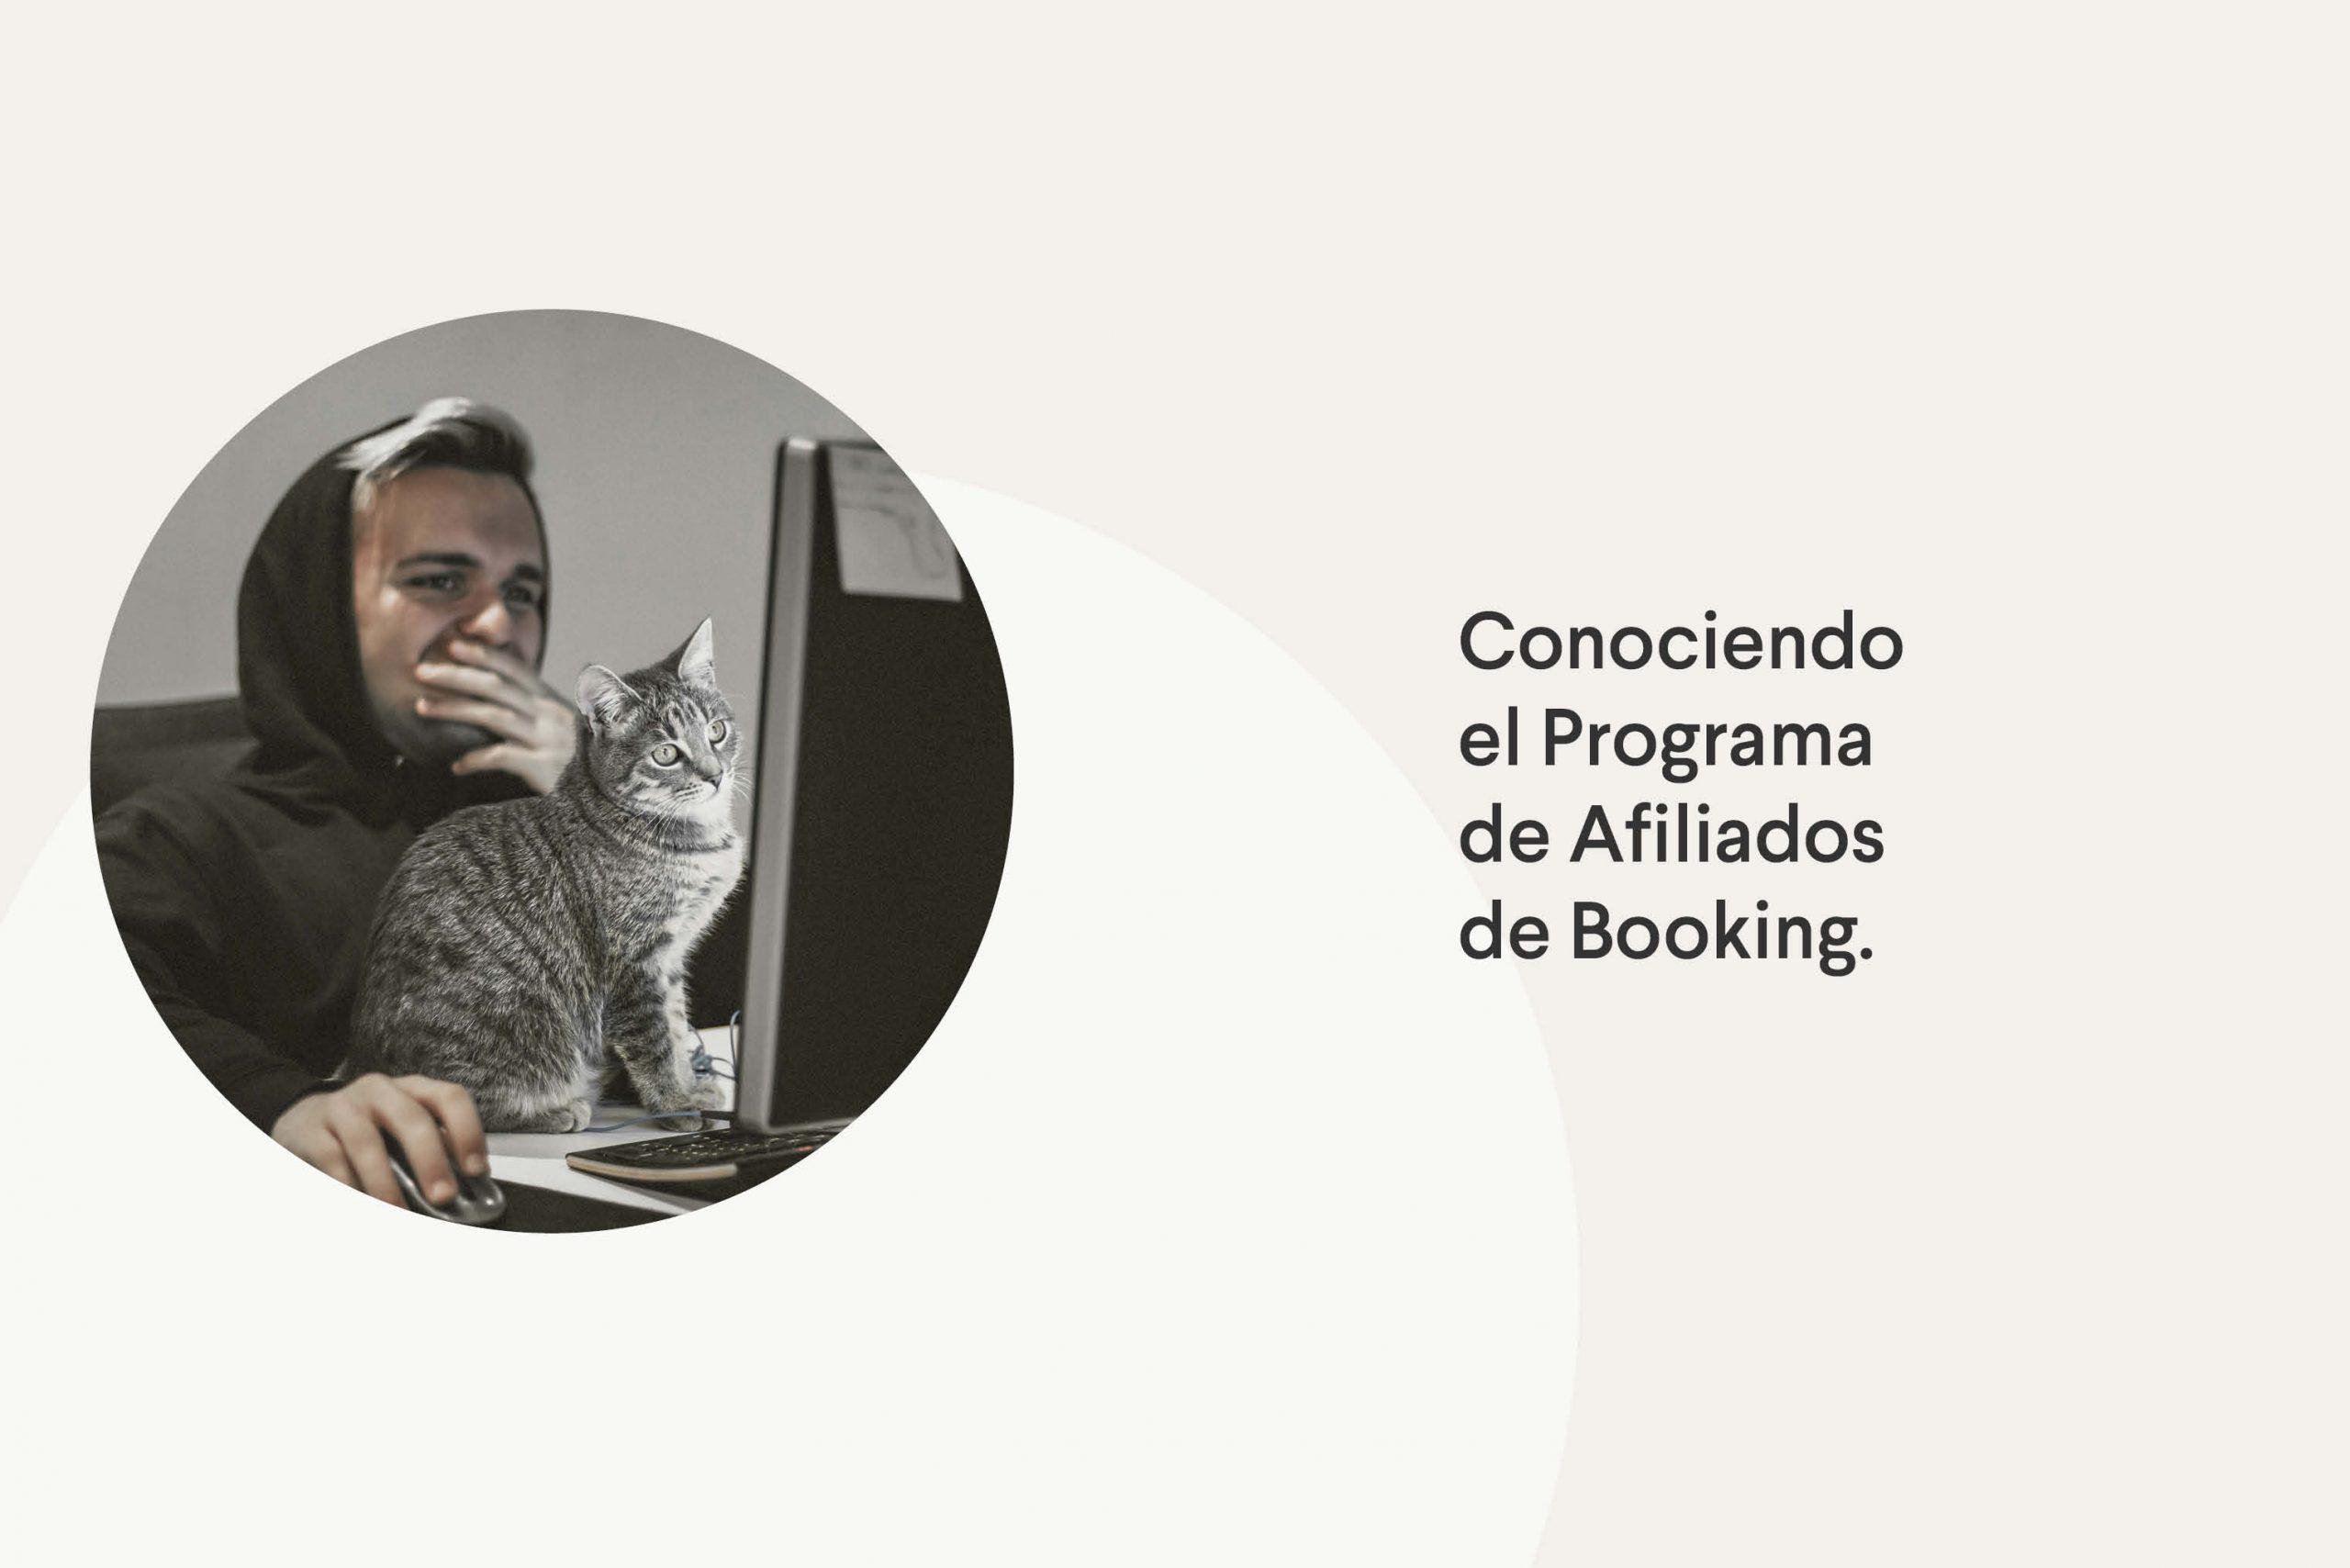 Cómo funciona el programa de partners de Booking